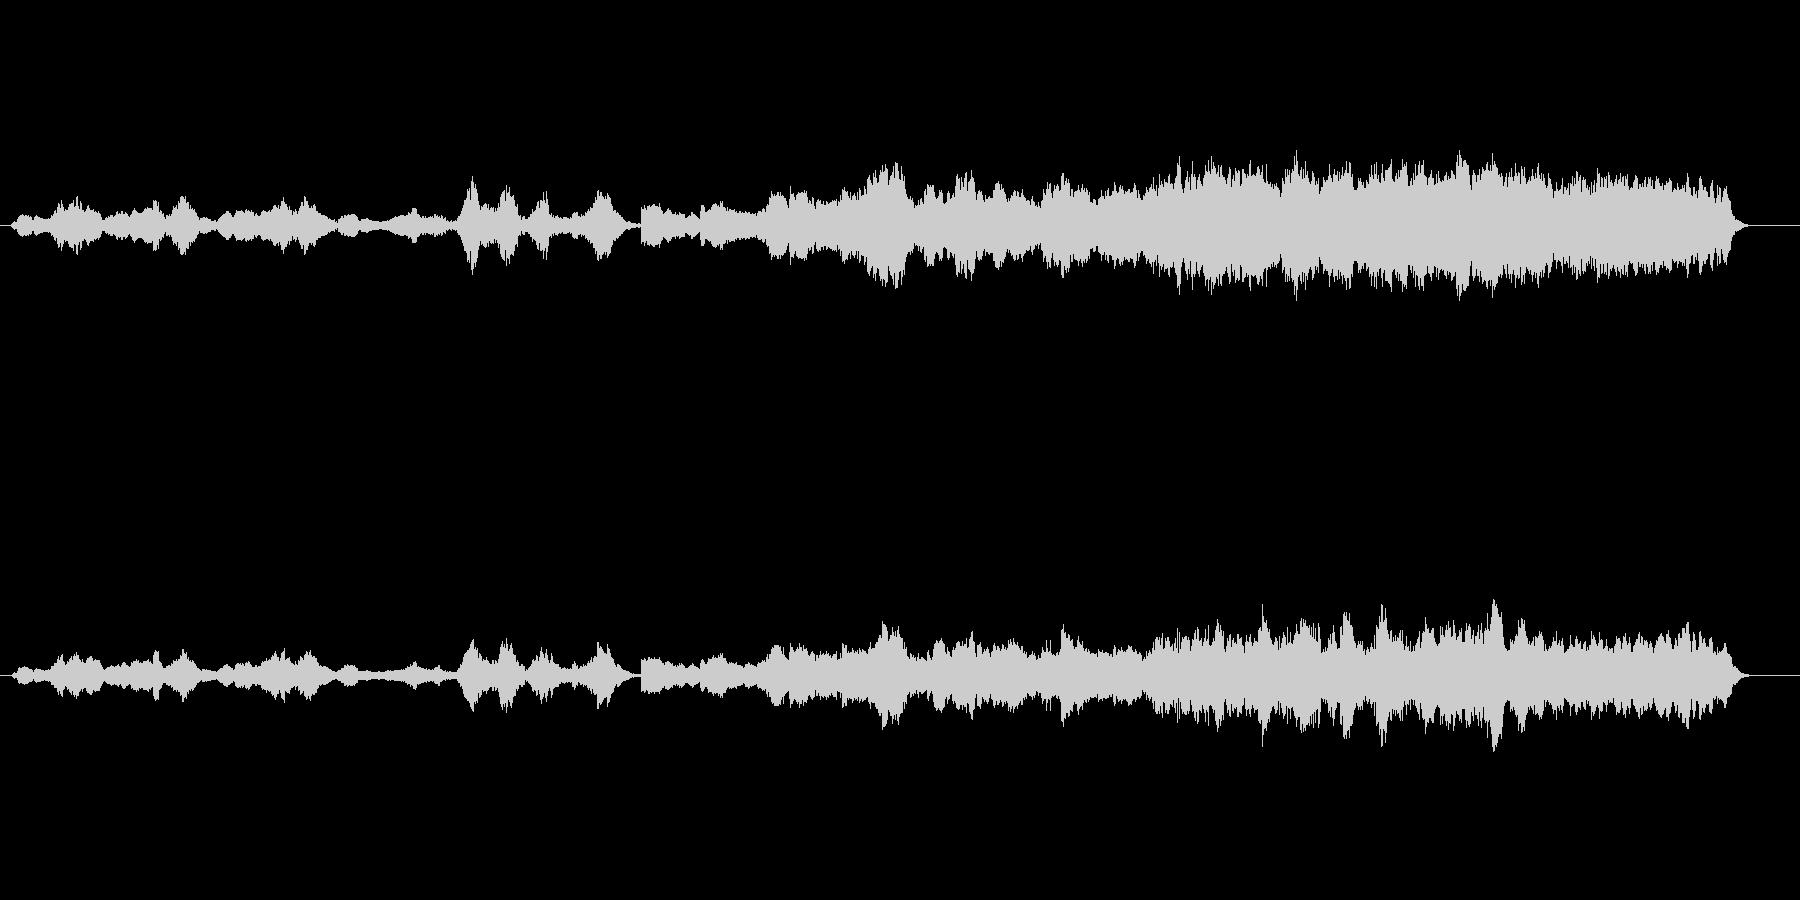 環境音楽風(惑星誕生)の未再生の波形